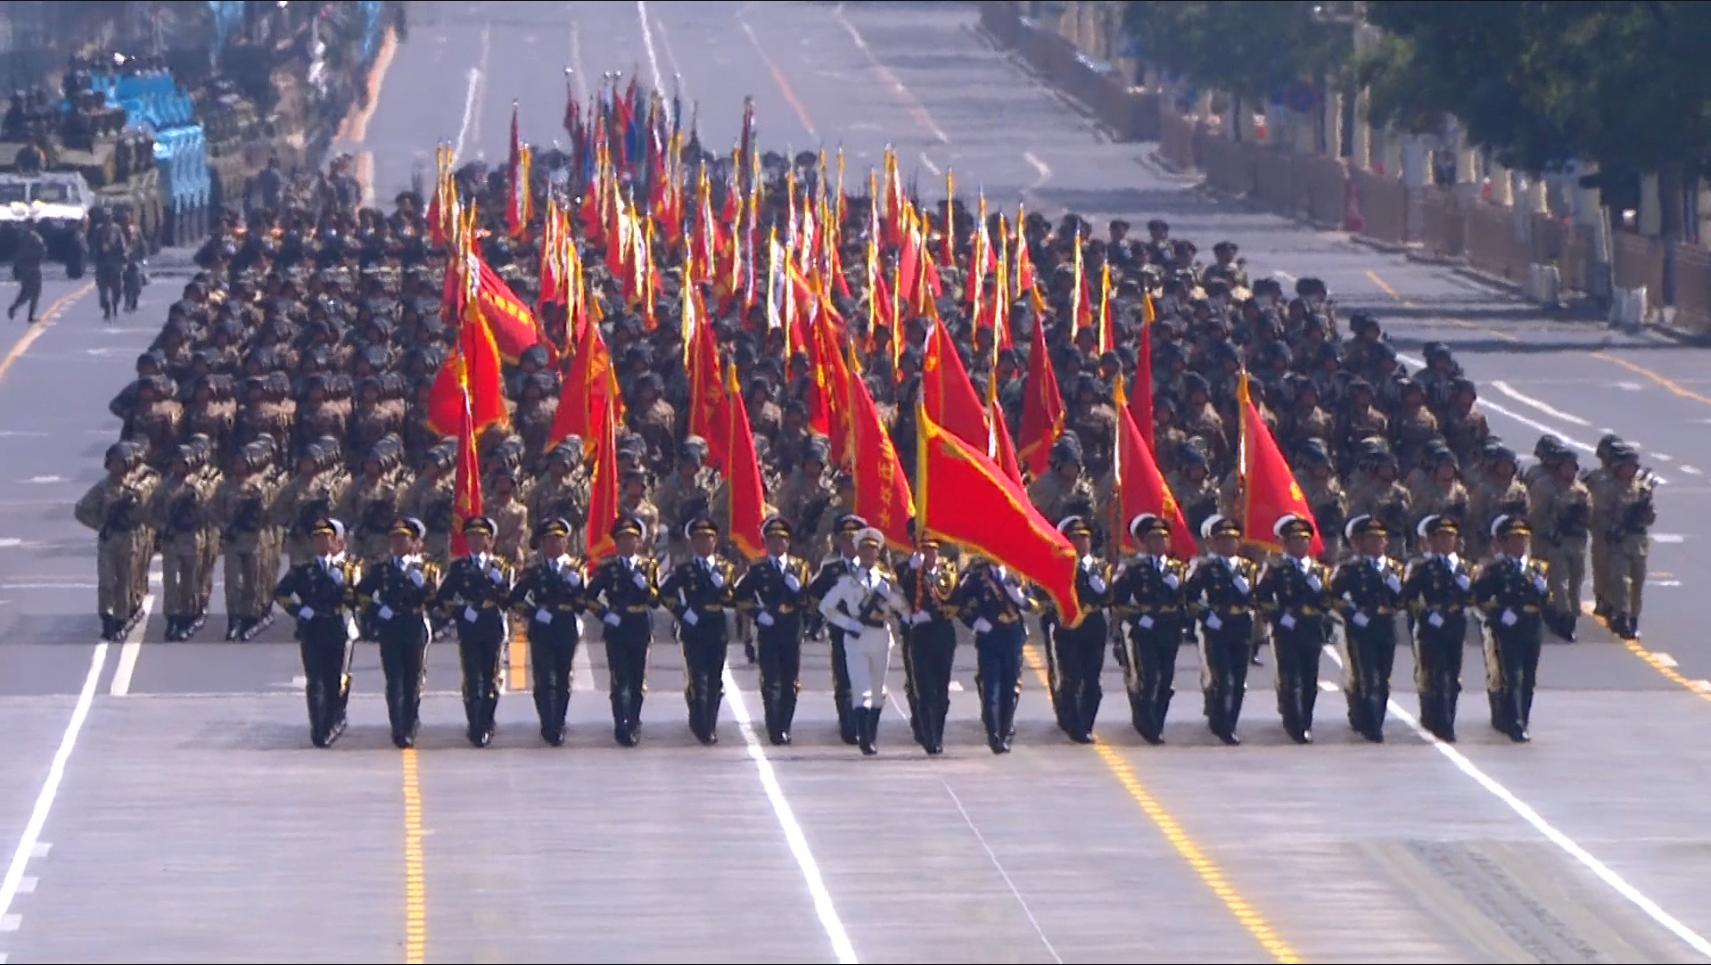 三军仪仗队通过天安门.png